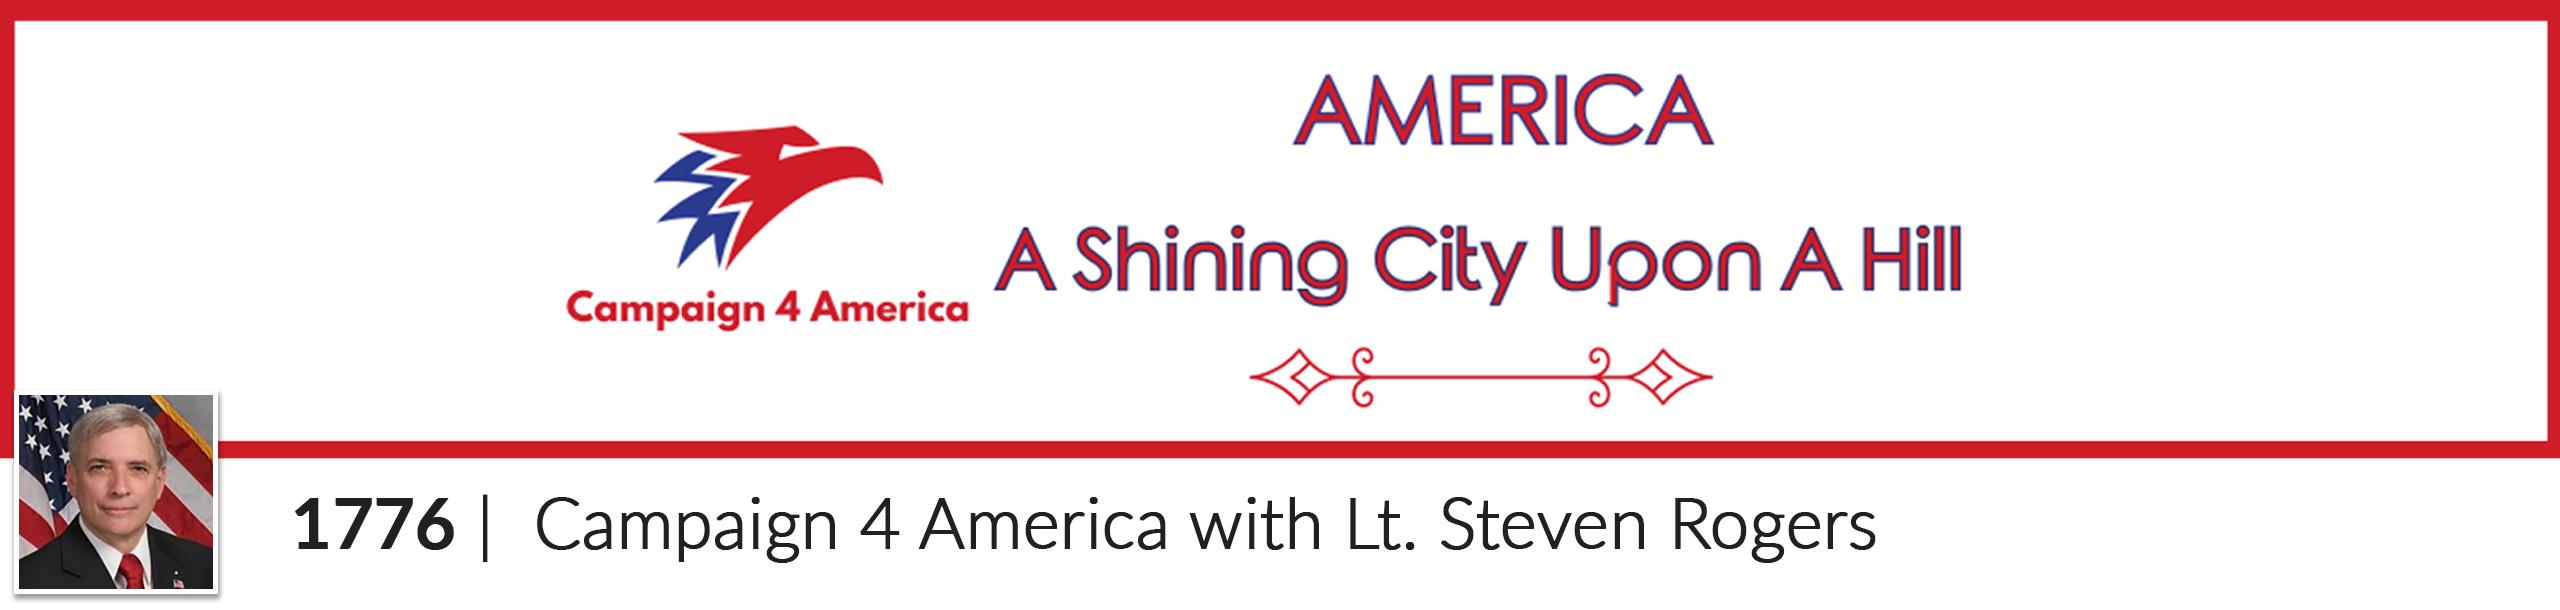 Campaign4America-header1